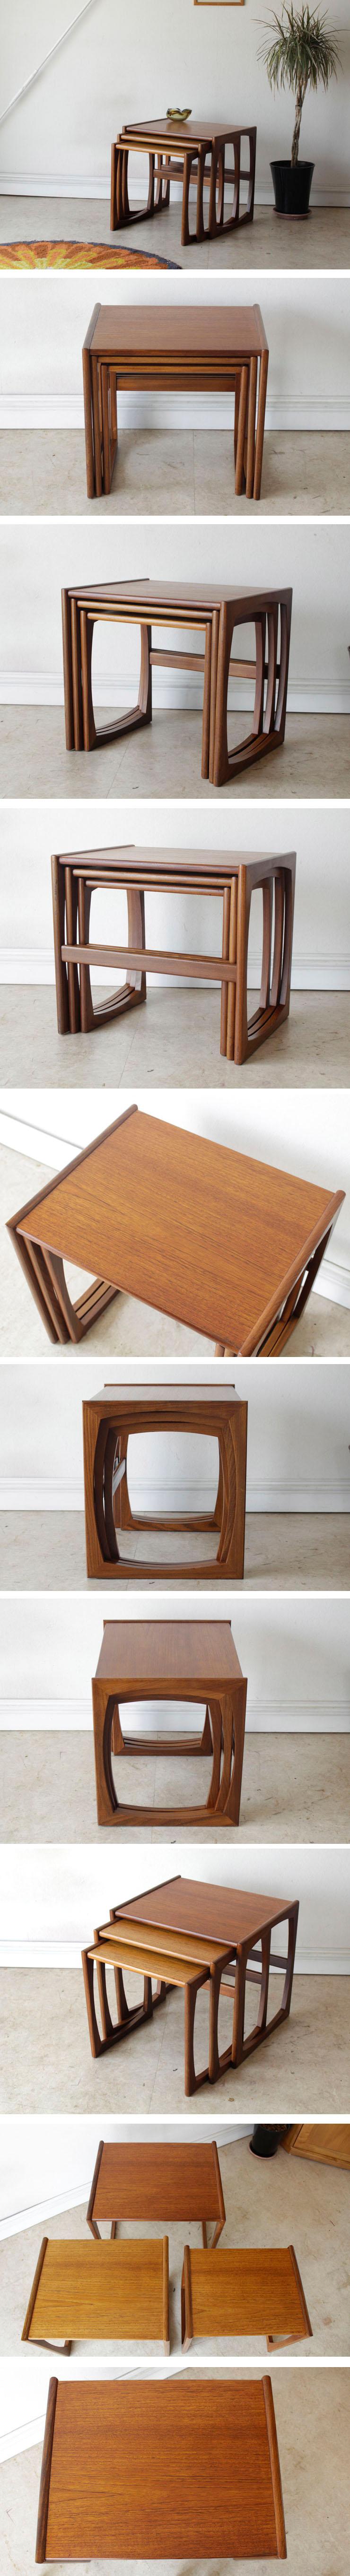 イギリス製・G-plan・ジープラン・コーヒーテーブル・ネストテーブル・チーク・アンティーク・北欧